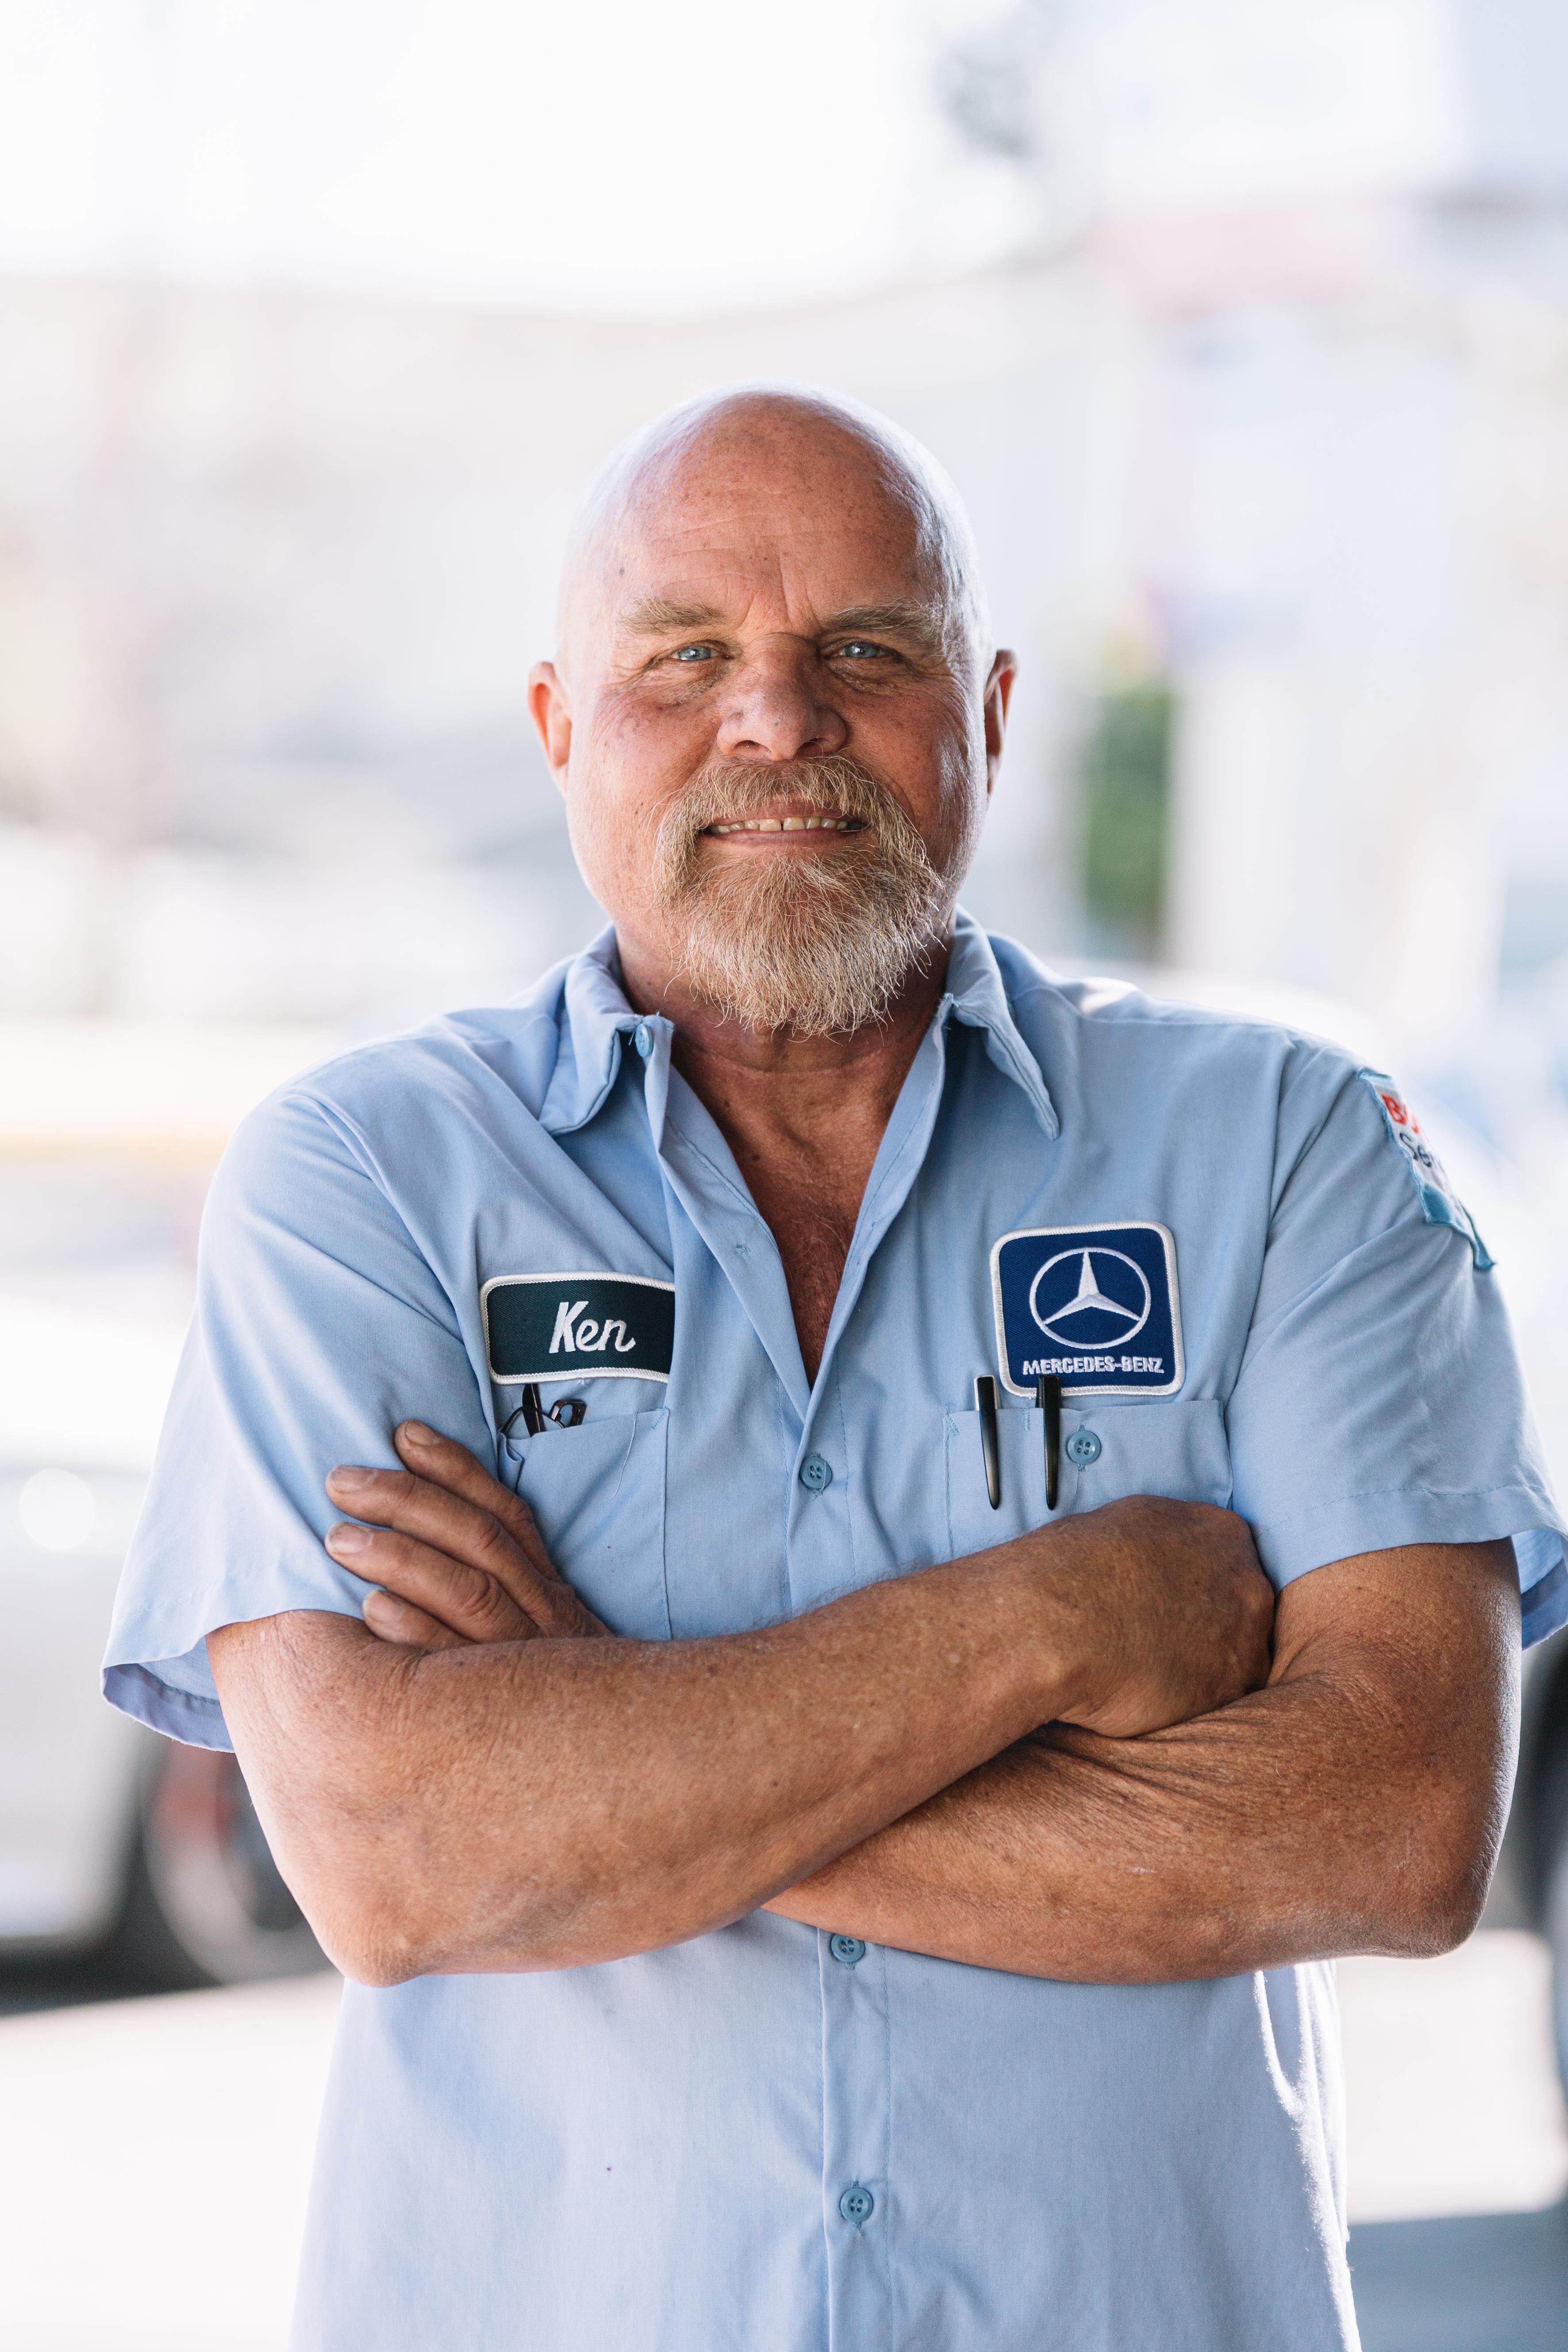 Co-Owner Ken Meikle